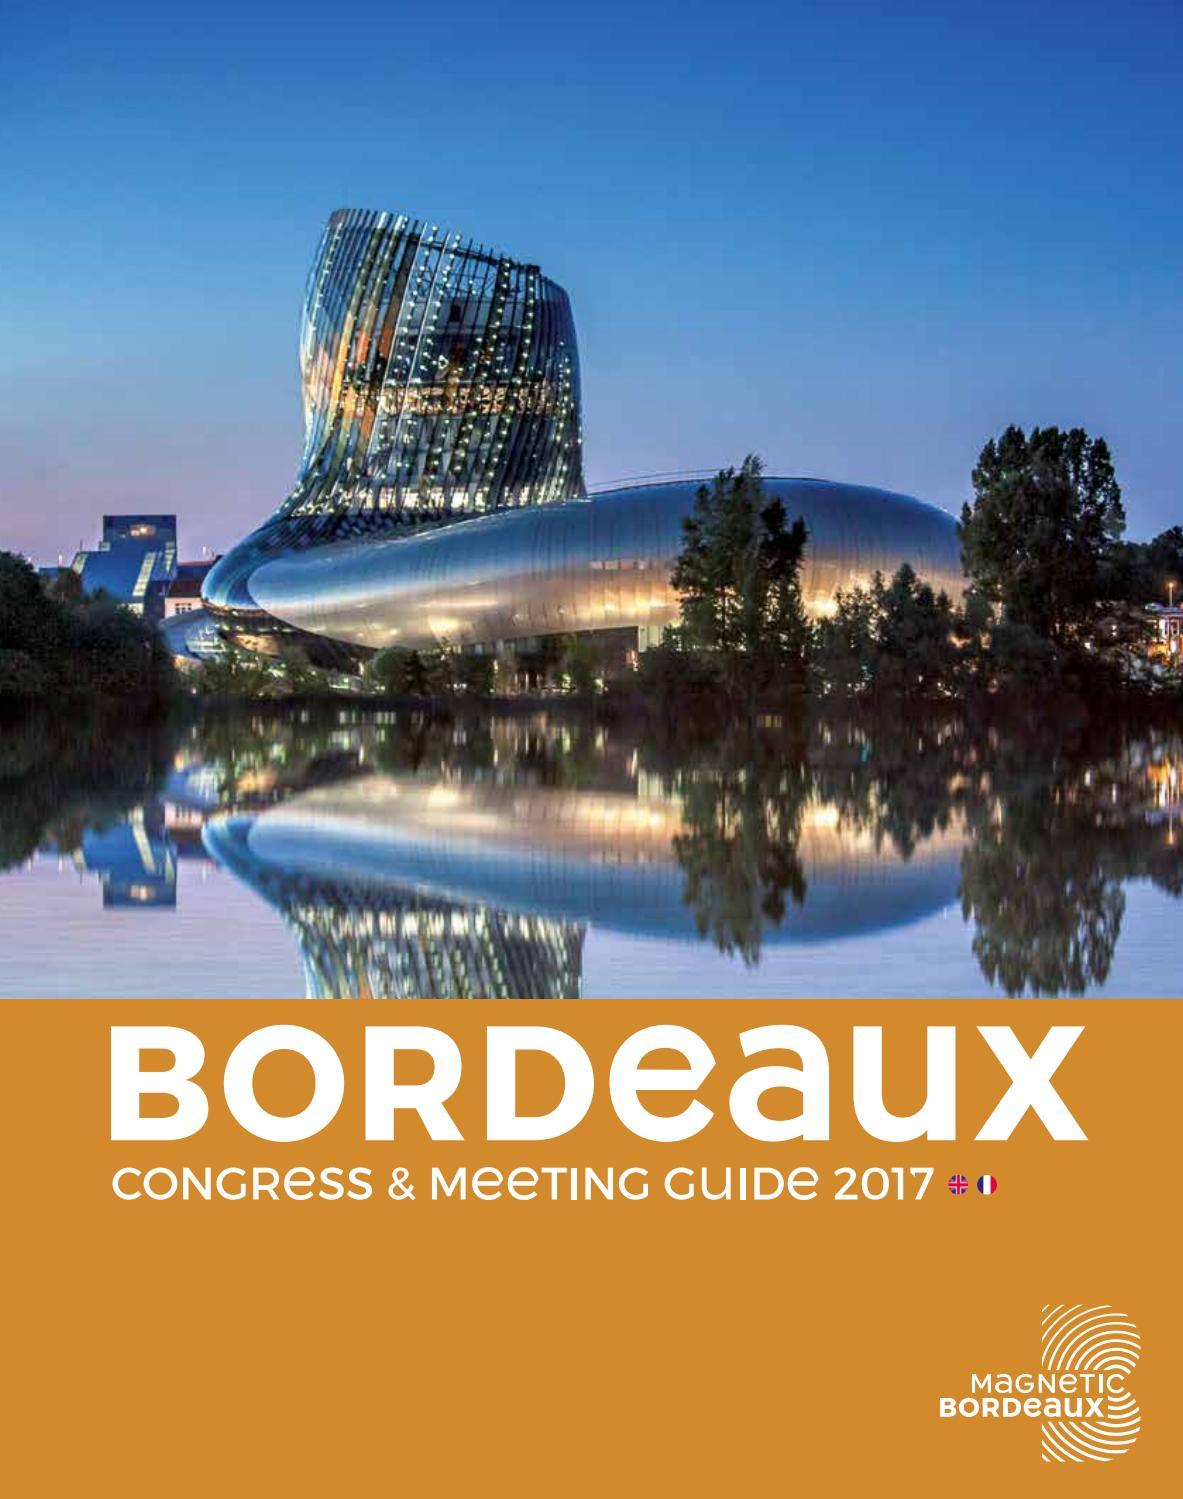 bordeaux meeting guide 2017 by office de tourisme de bordeaux m tropole issuu. Black Bedroom Furniture Sets. Home Design Ideas